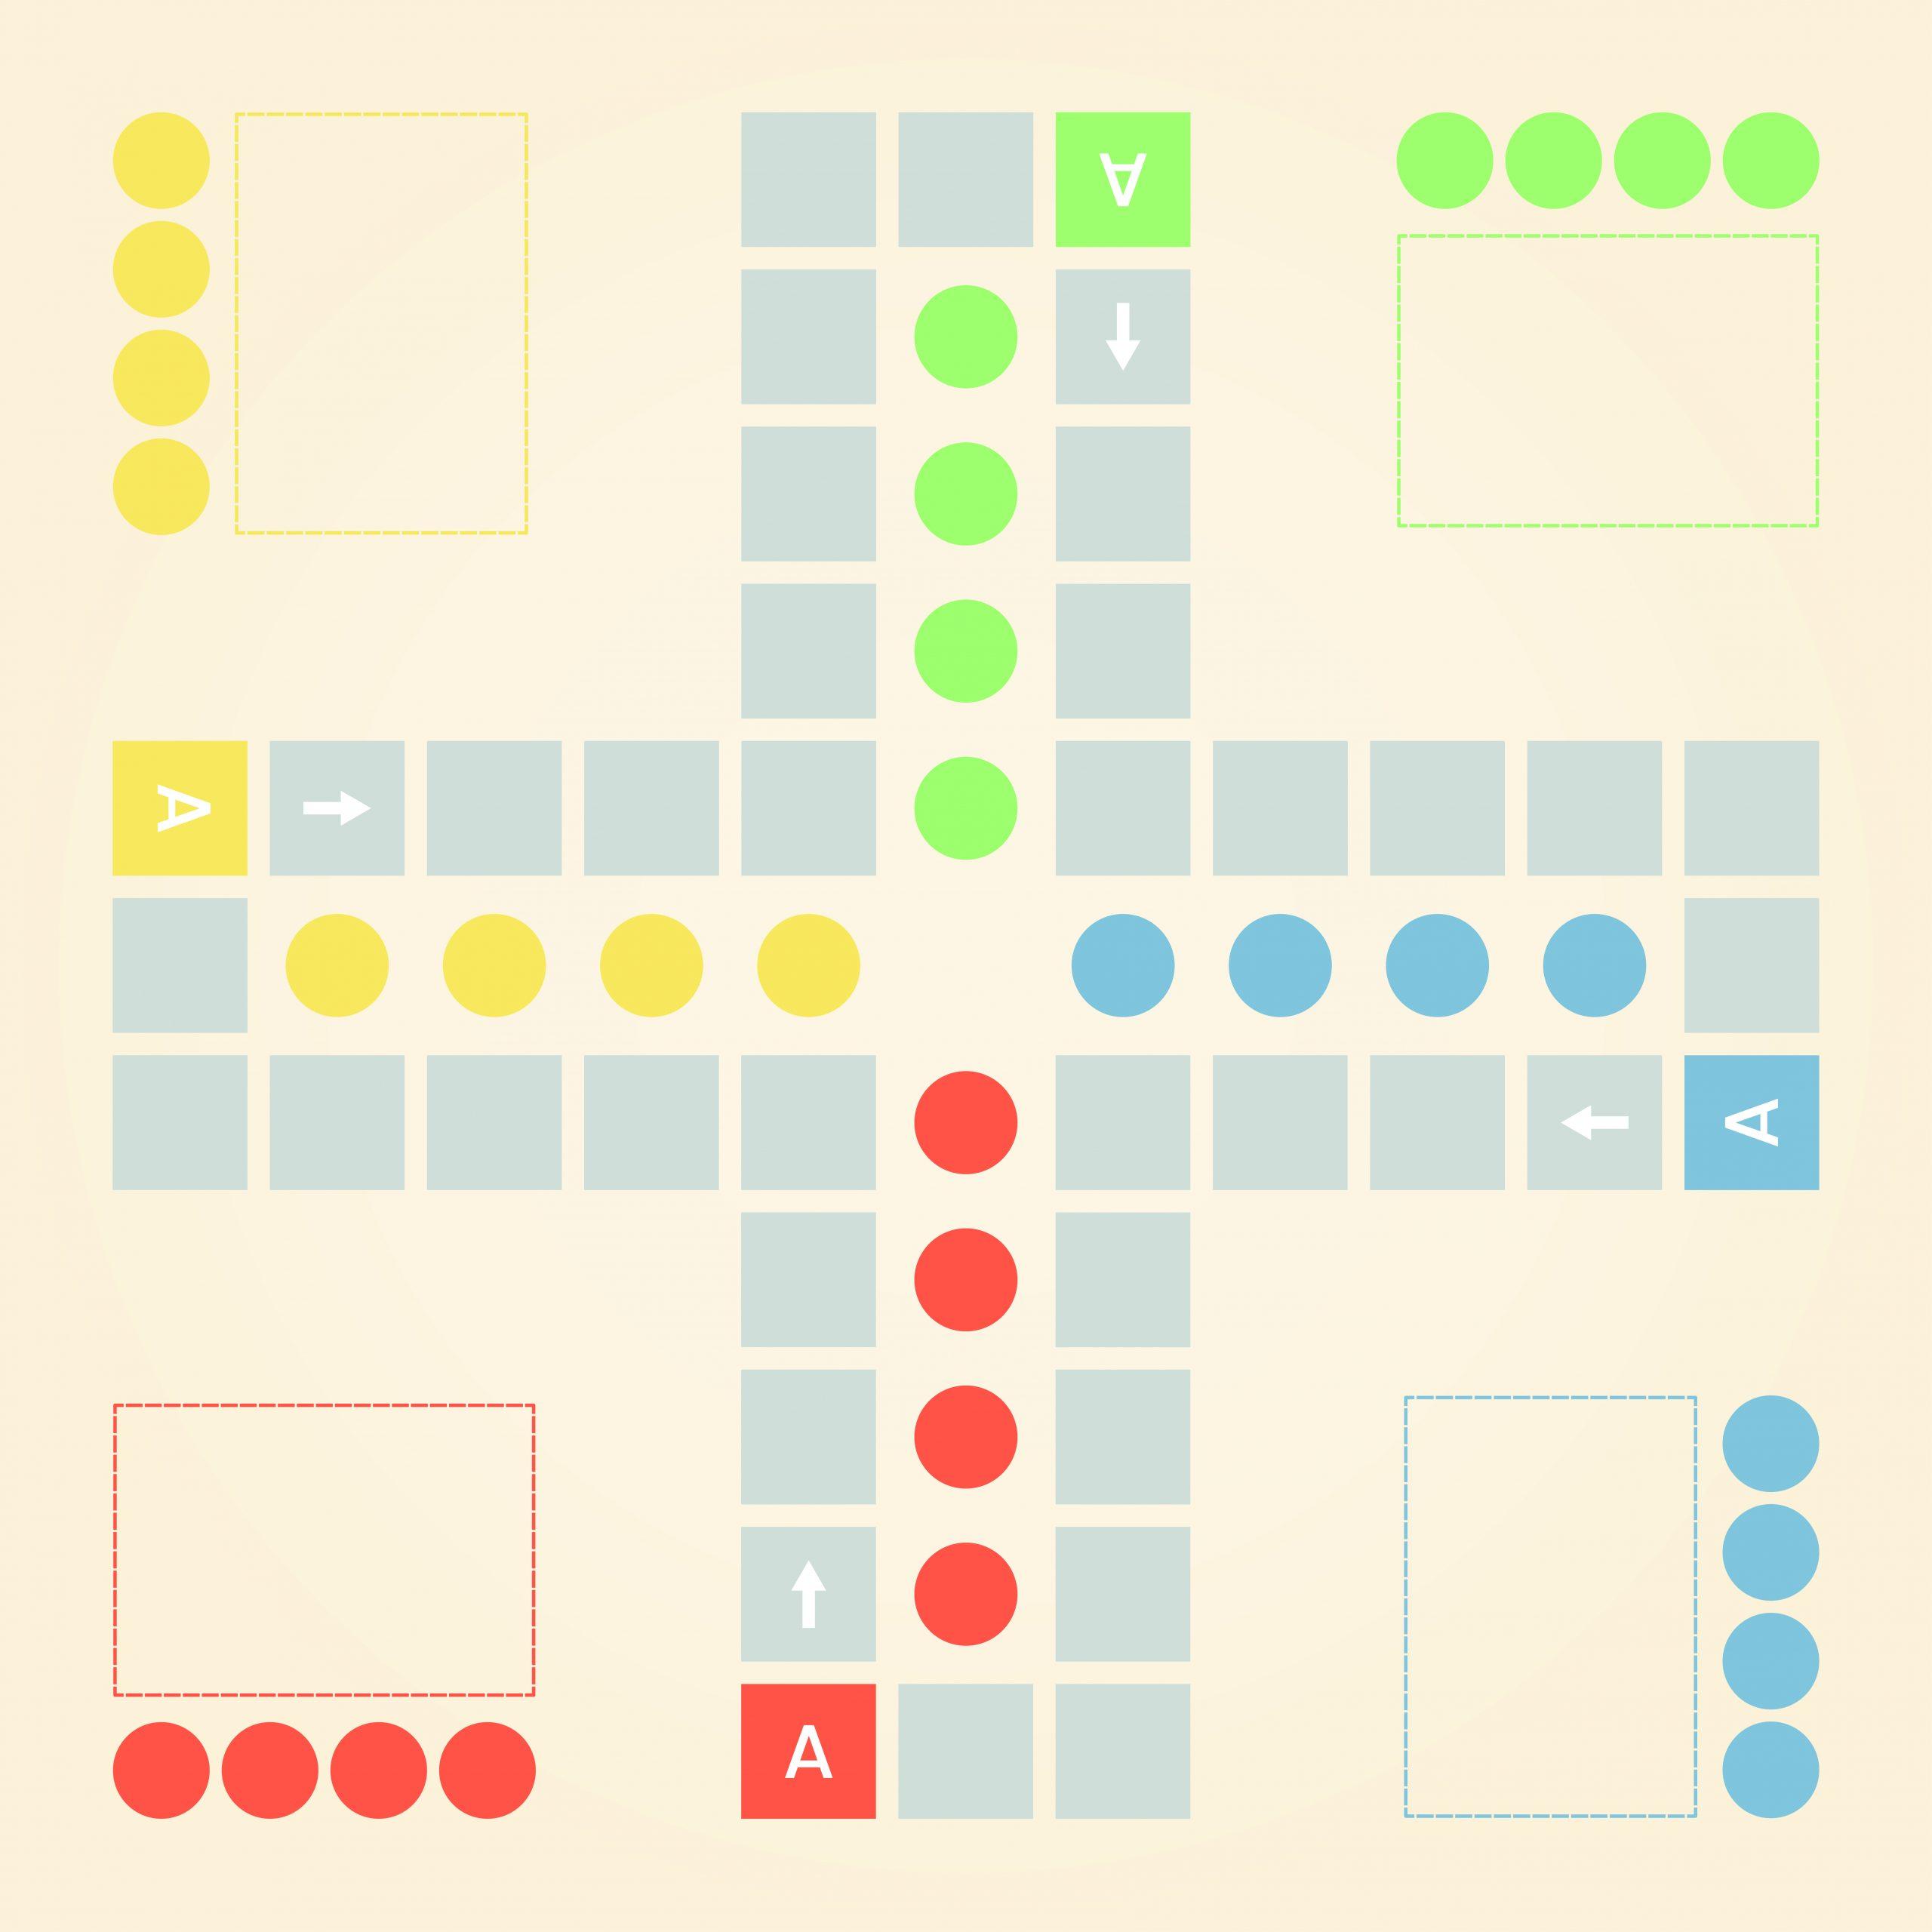 Ein Eigenes Brettspiel Mit Fotos Der Spieler Gestalten | Ifolor innen Brettspiele Selbst Gestalten